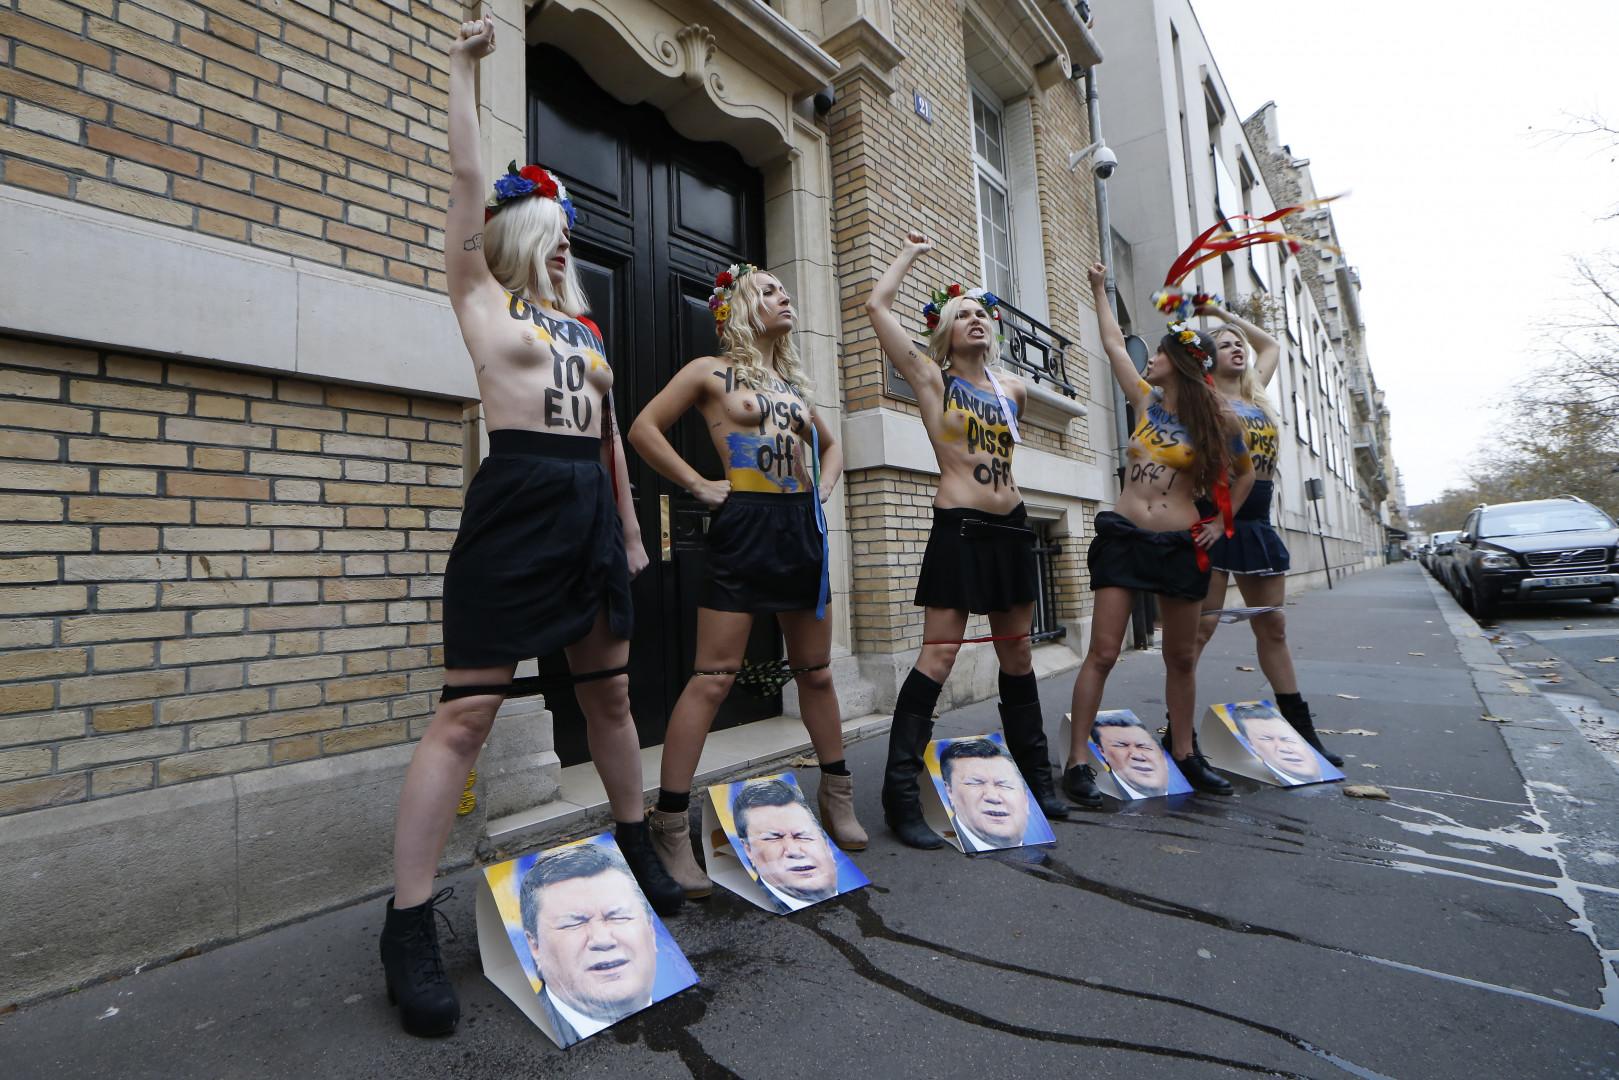 Devant l'Ambassade de l'Ukraine, le 1er décembre 2013 à Paris.